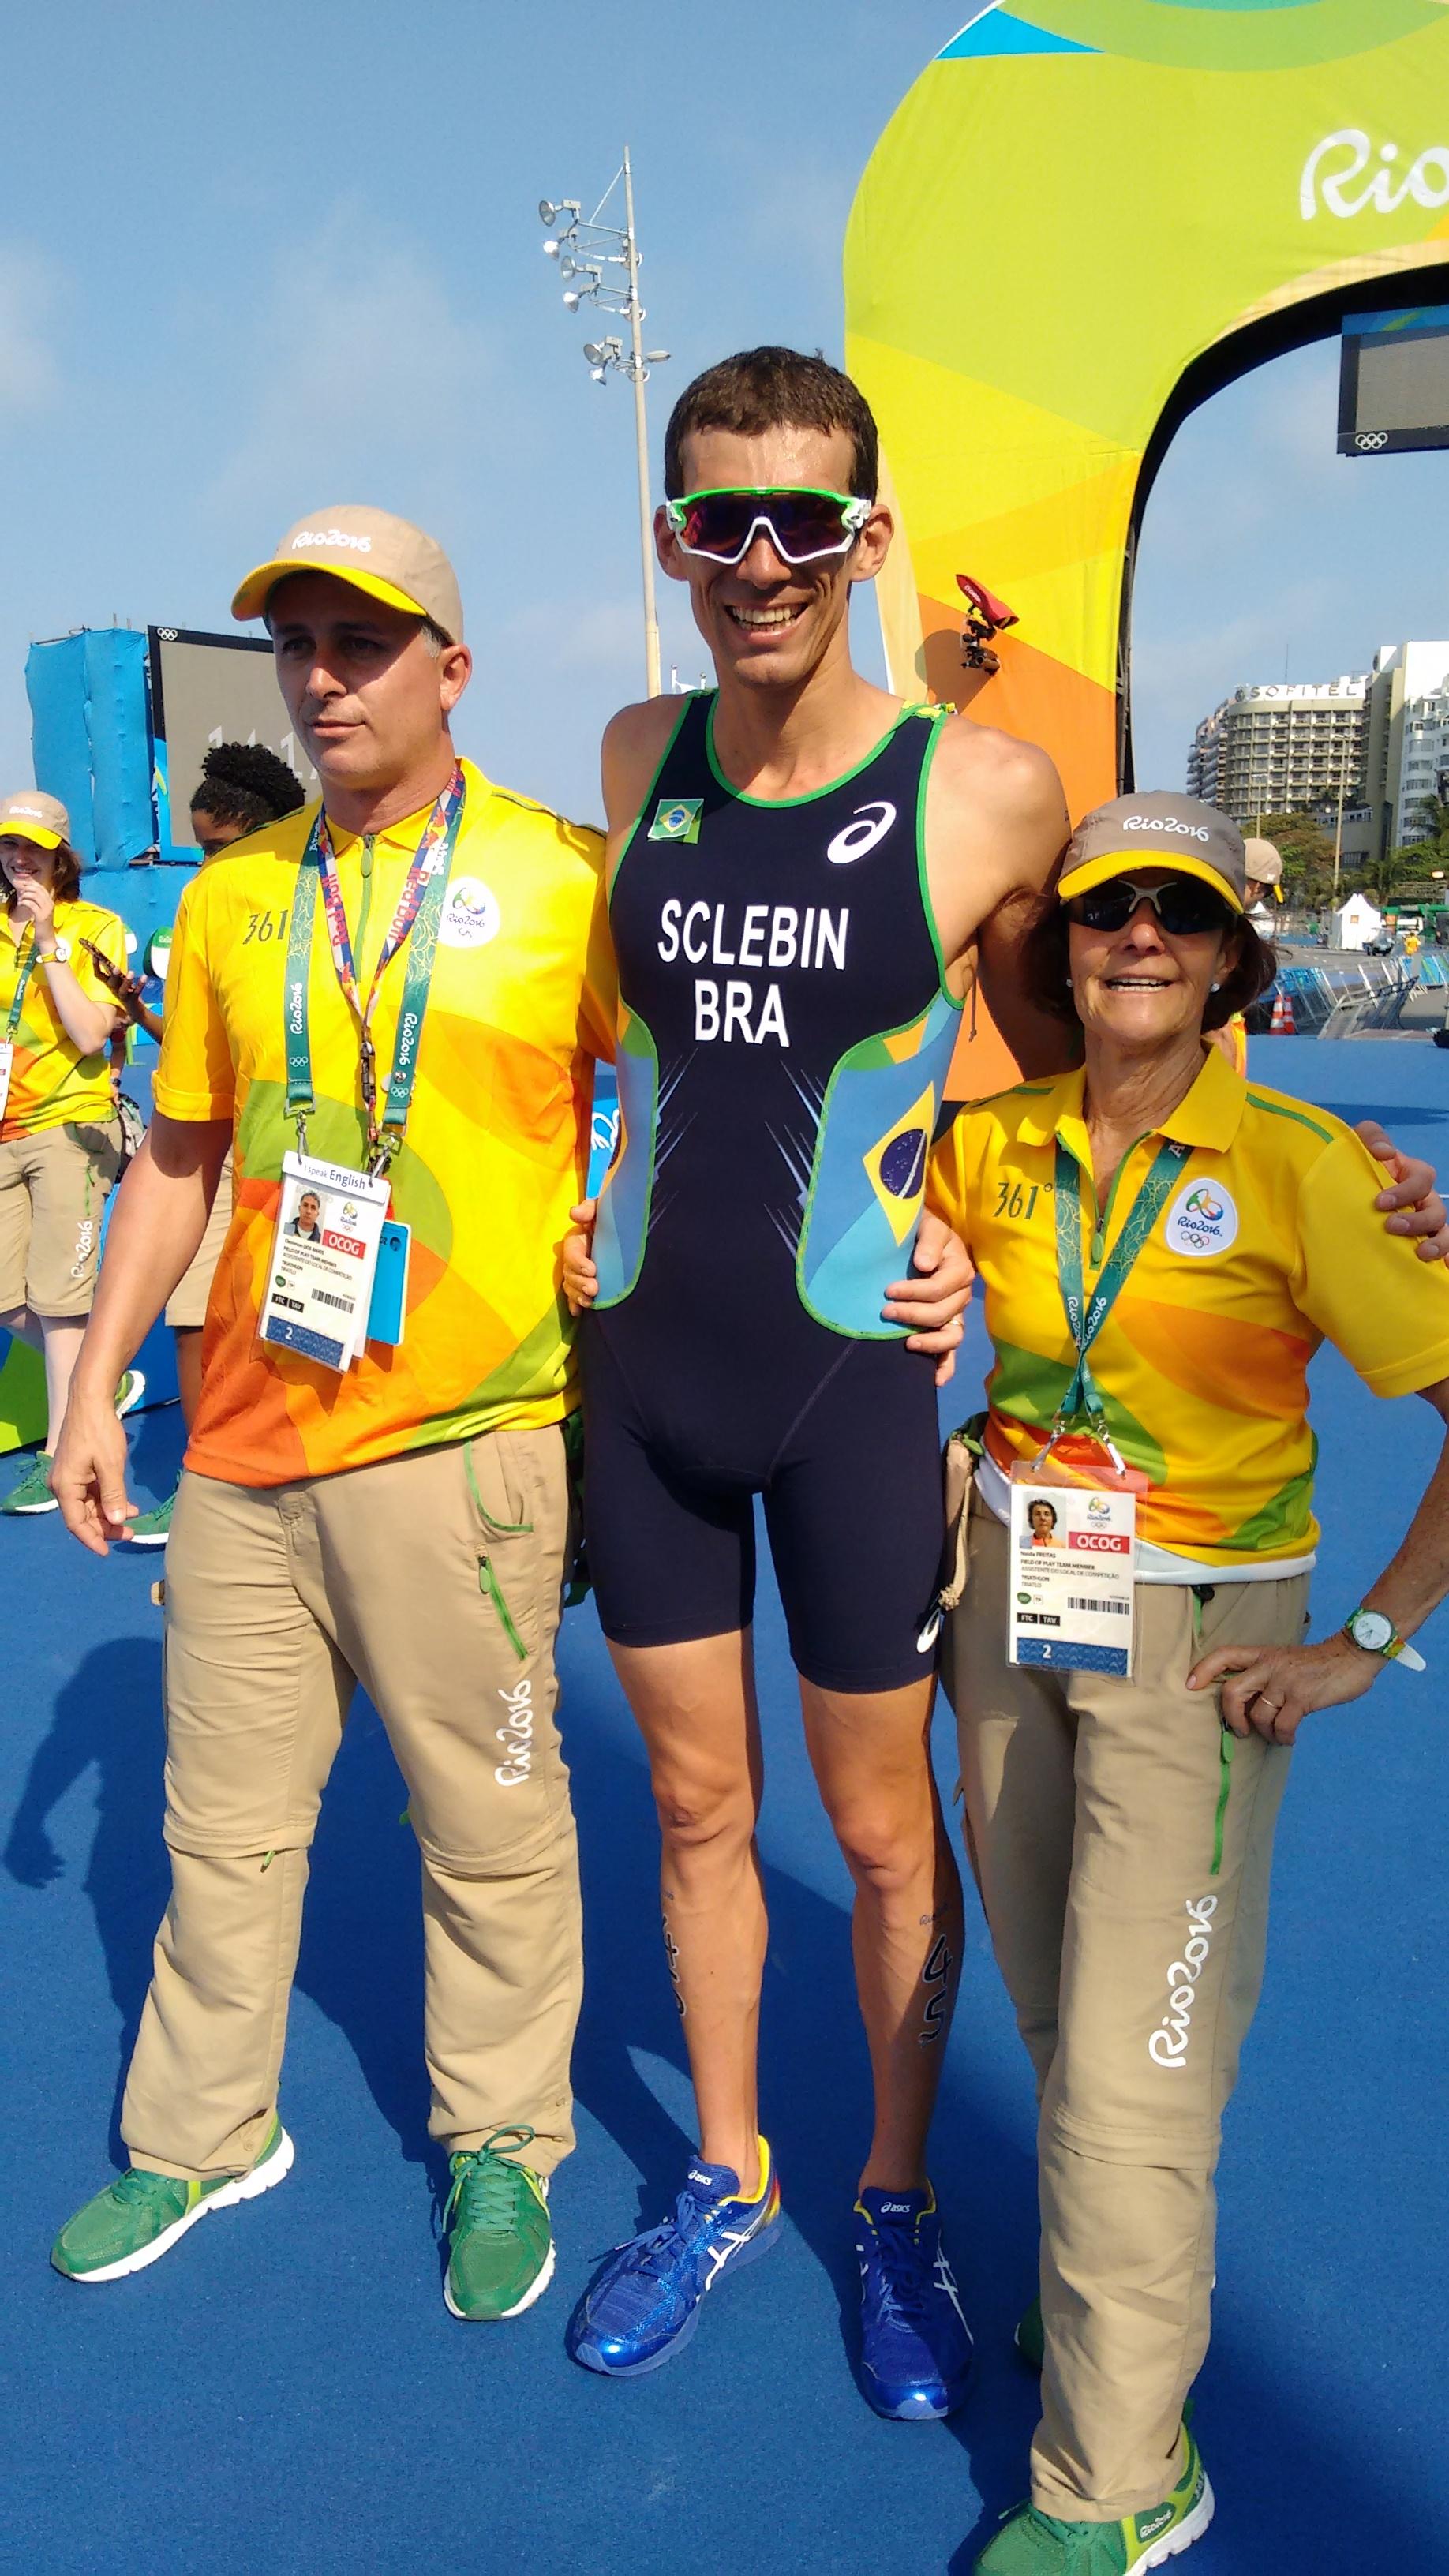 Triathlon M dos Jogos Olímpicos realizado em Copacabana